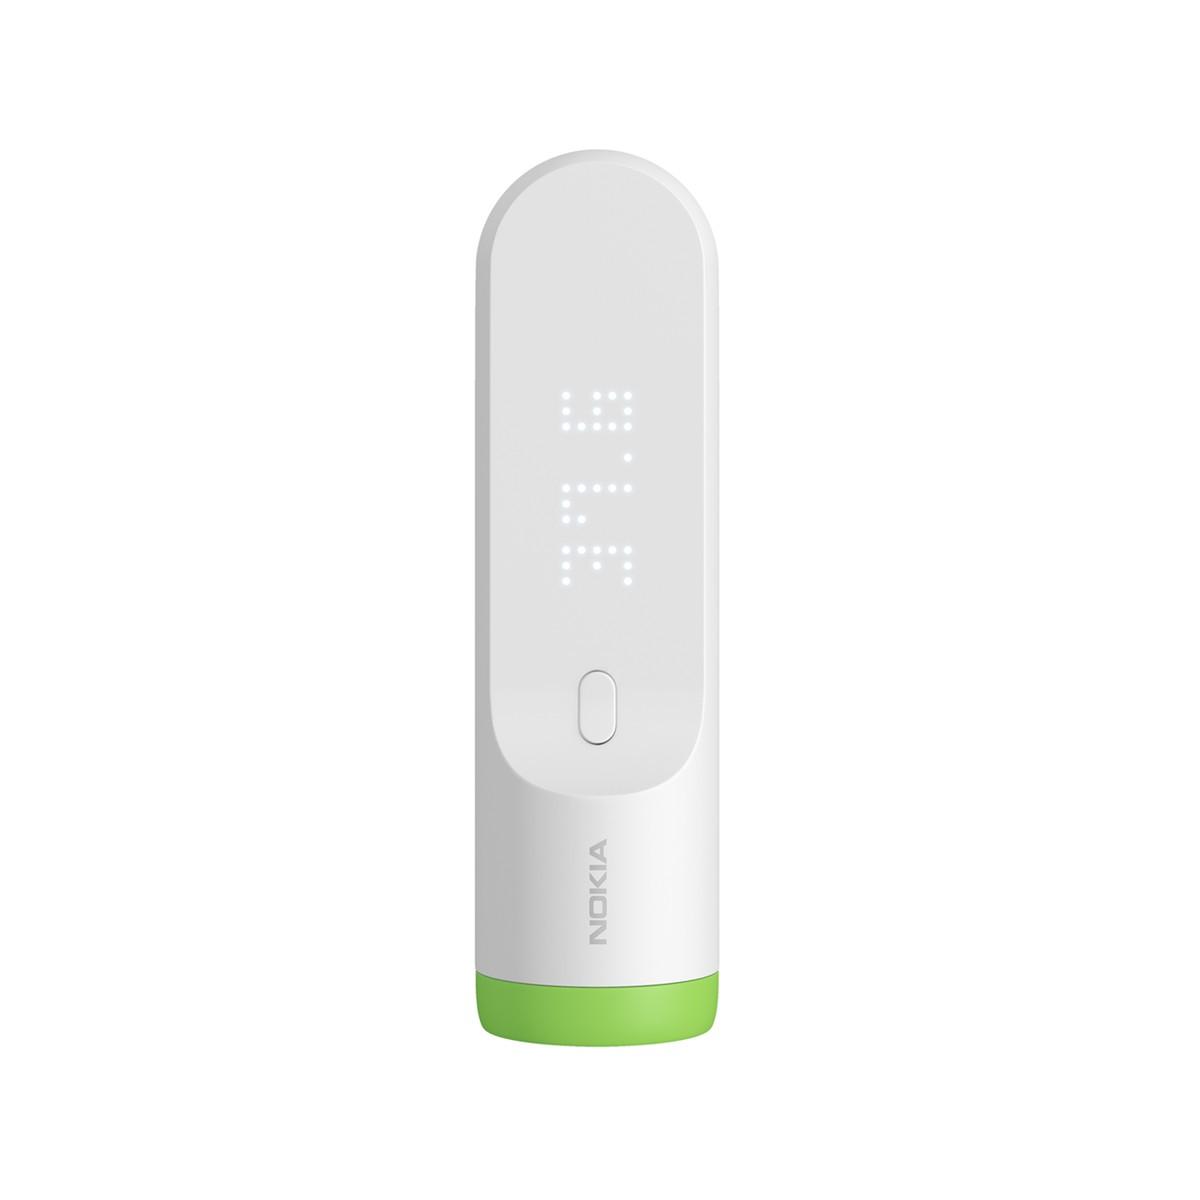 Nokia - Thermo lázmérő